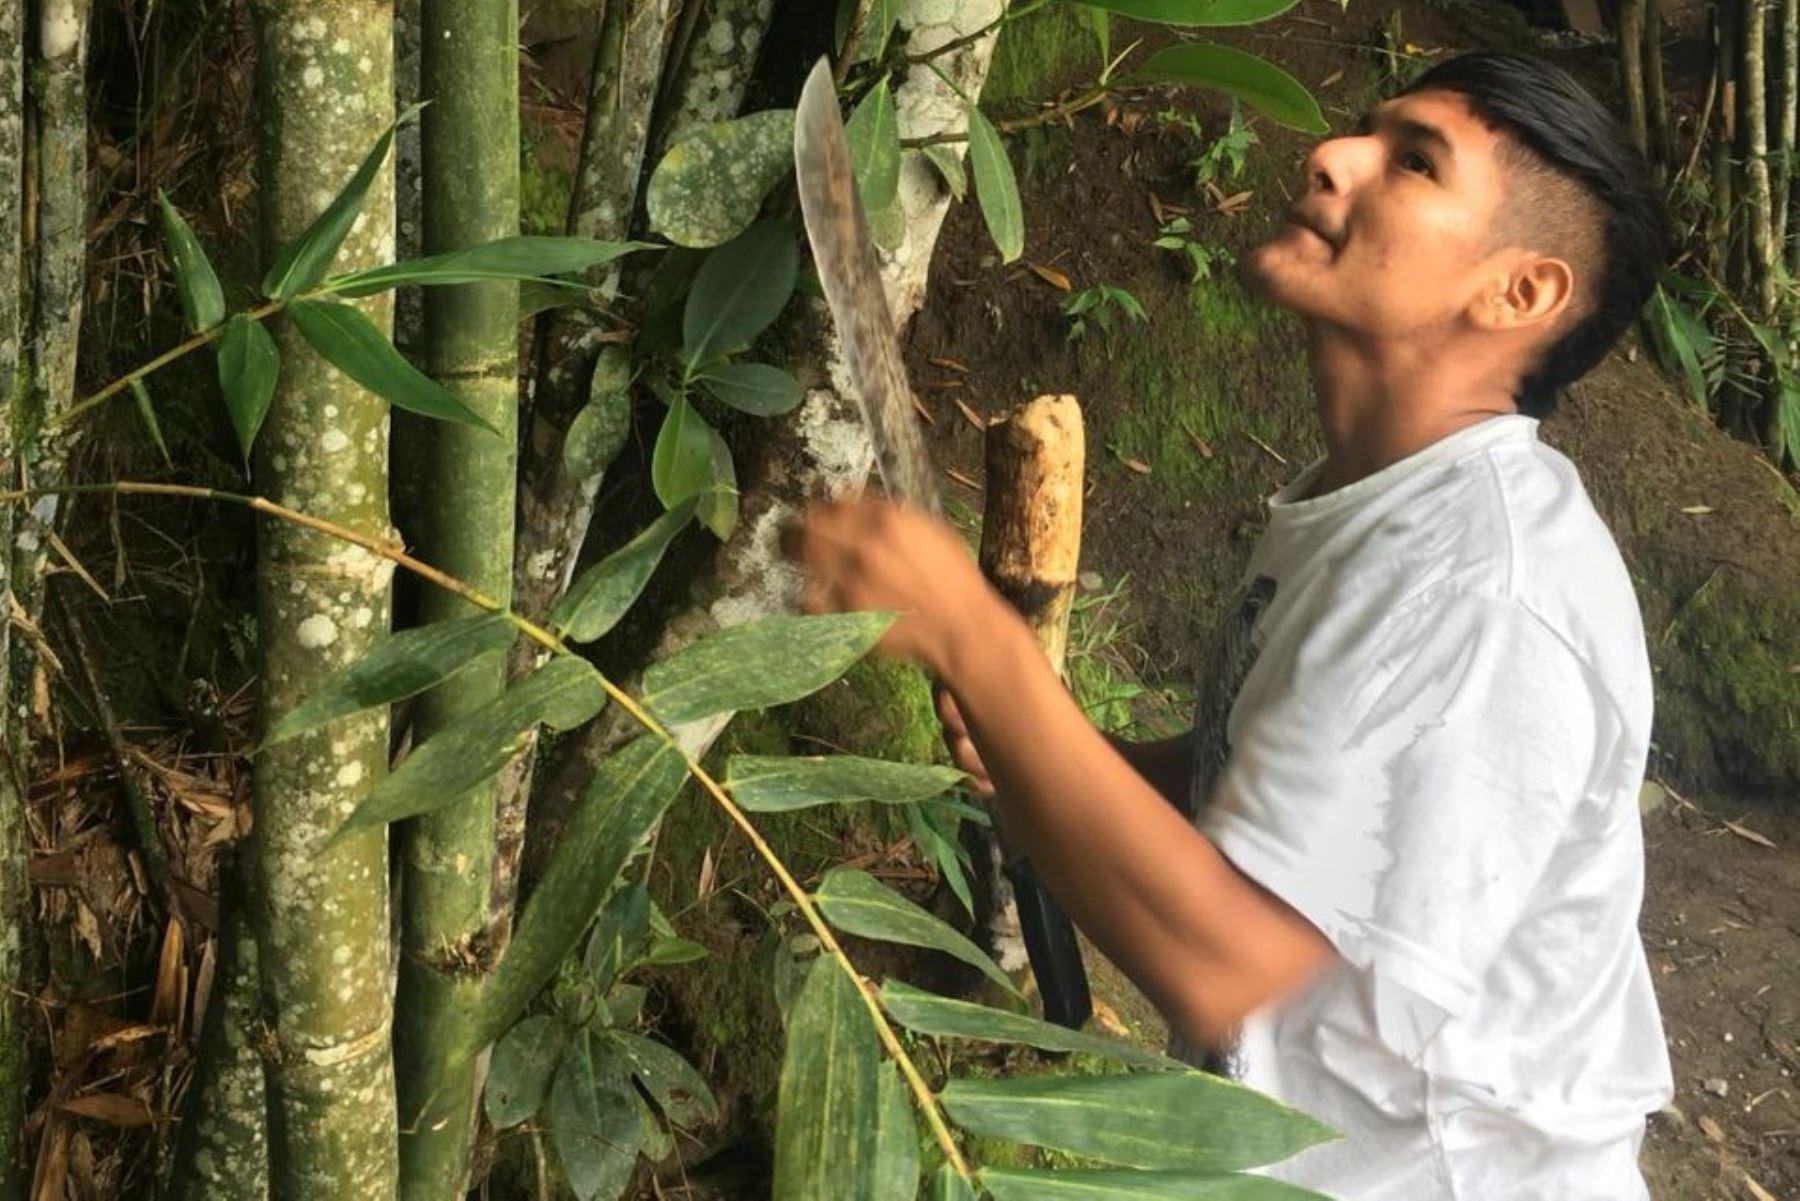 Industria del bambú podría generar 45,000 empleos en región San Martín. ANDINA/Difusión